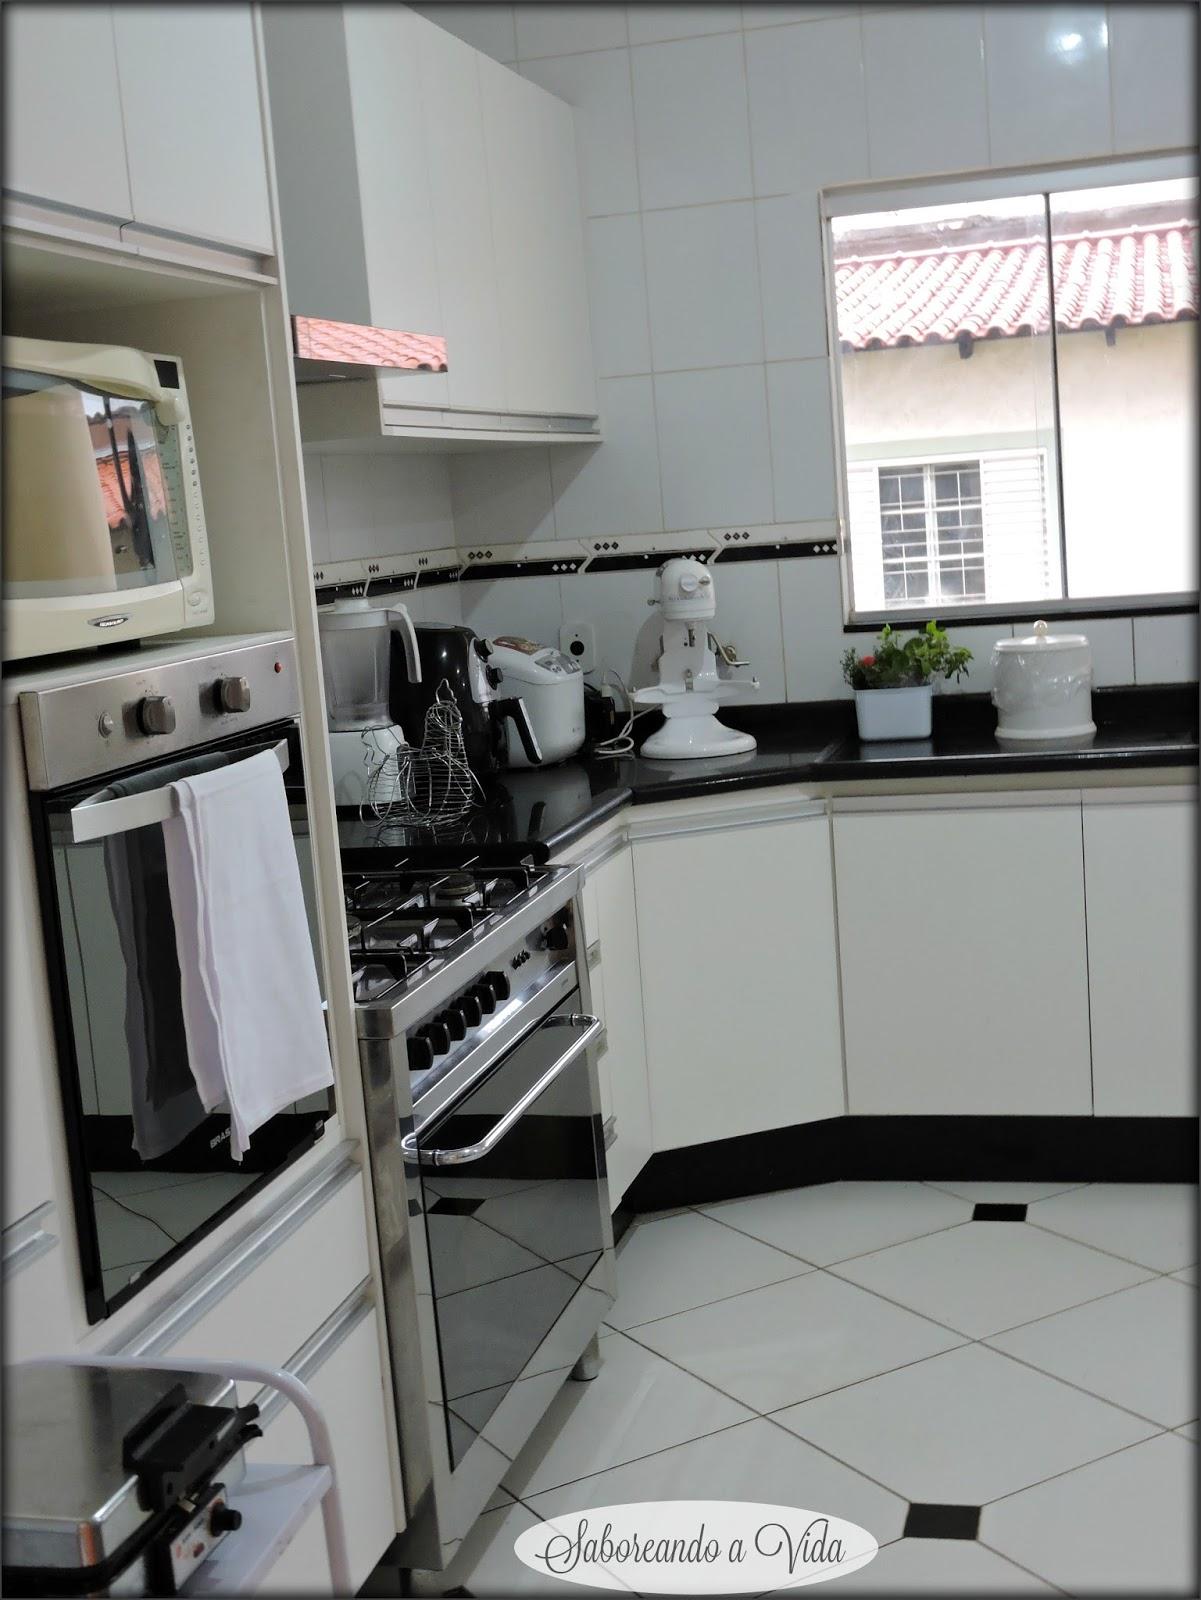 saboreando a vida: Minha Cozinha e Uma idéia de último minuto para o  #615F4F 1201 1600